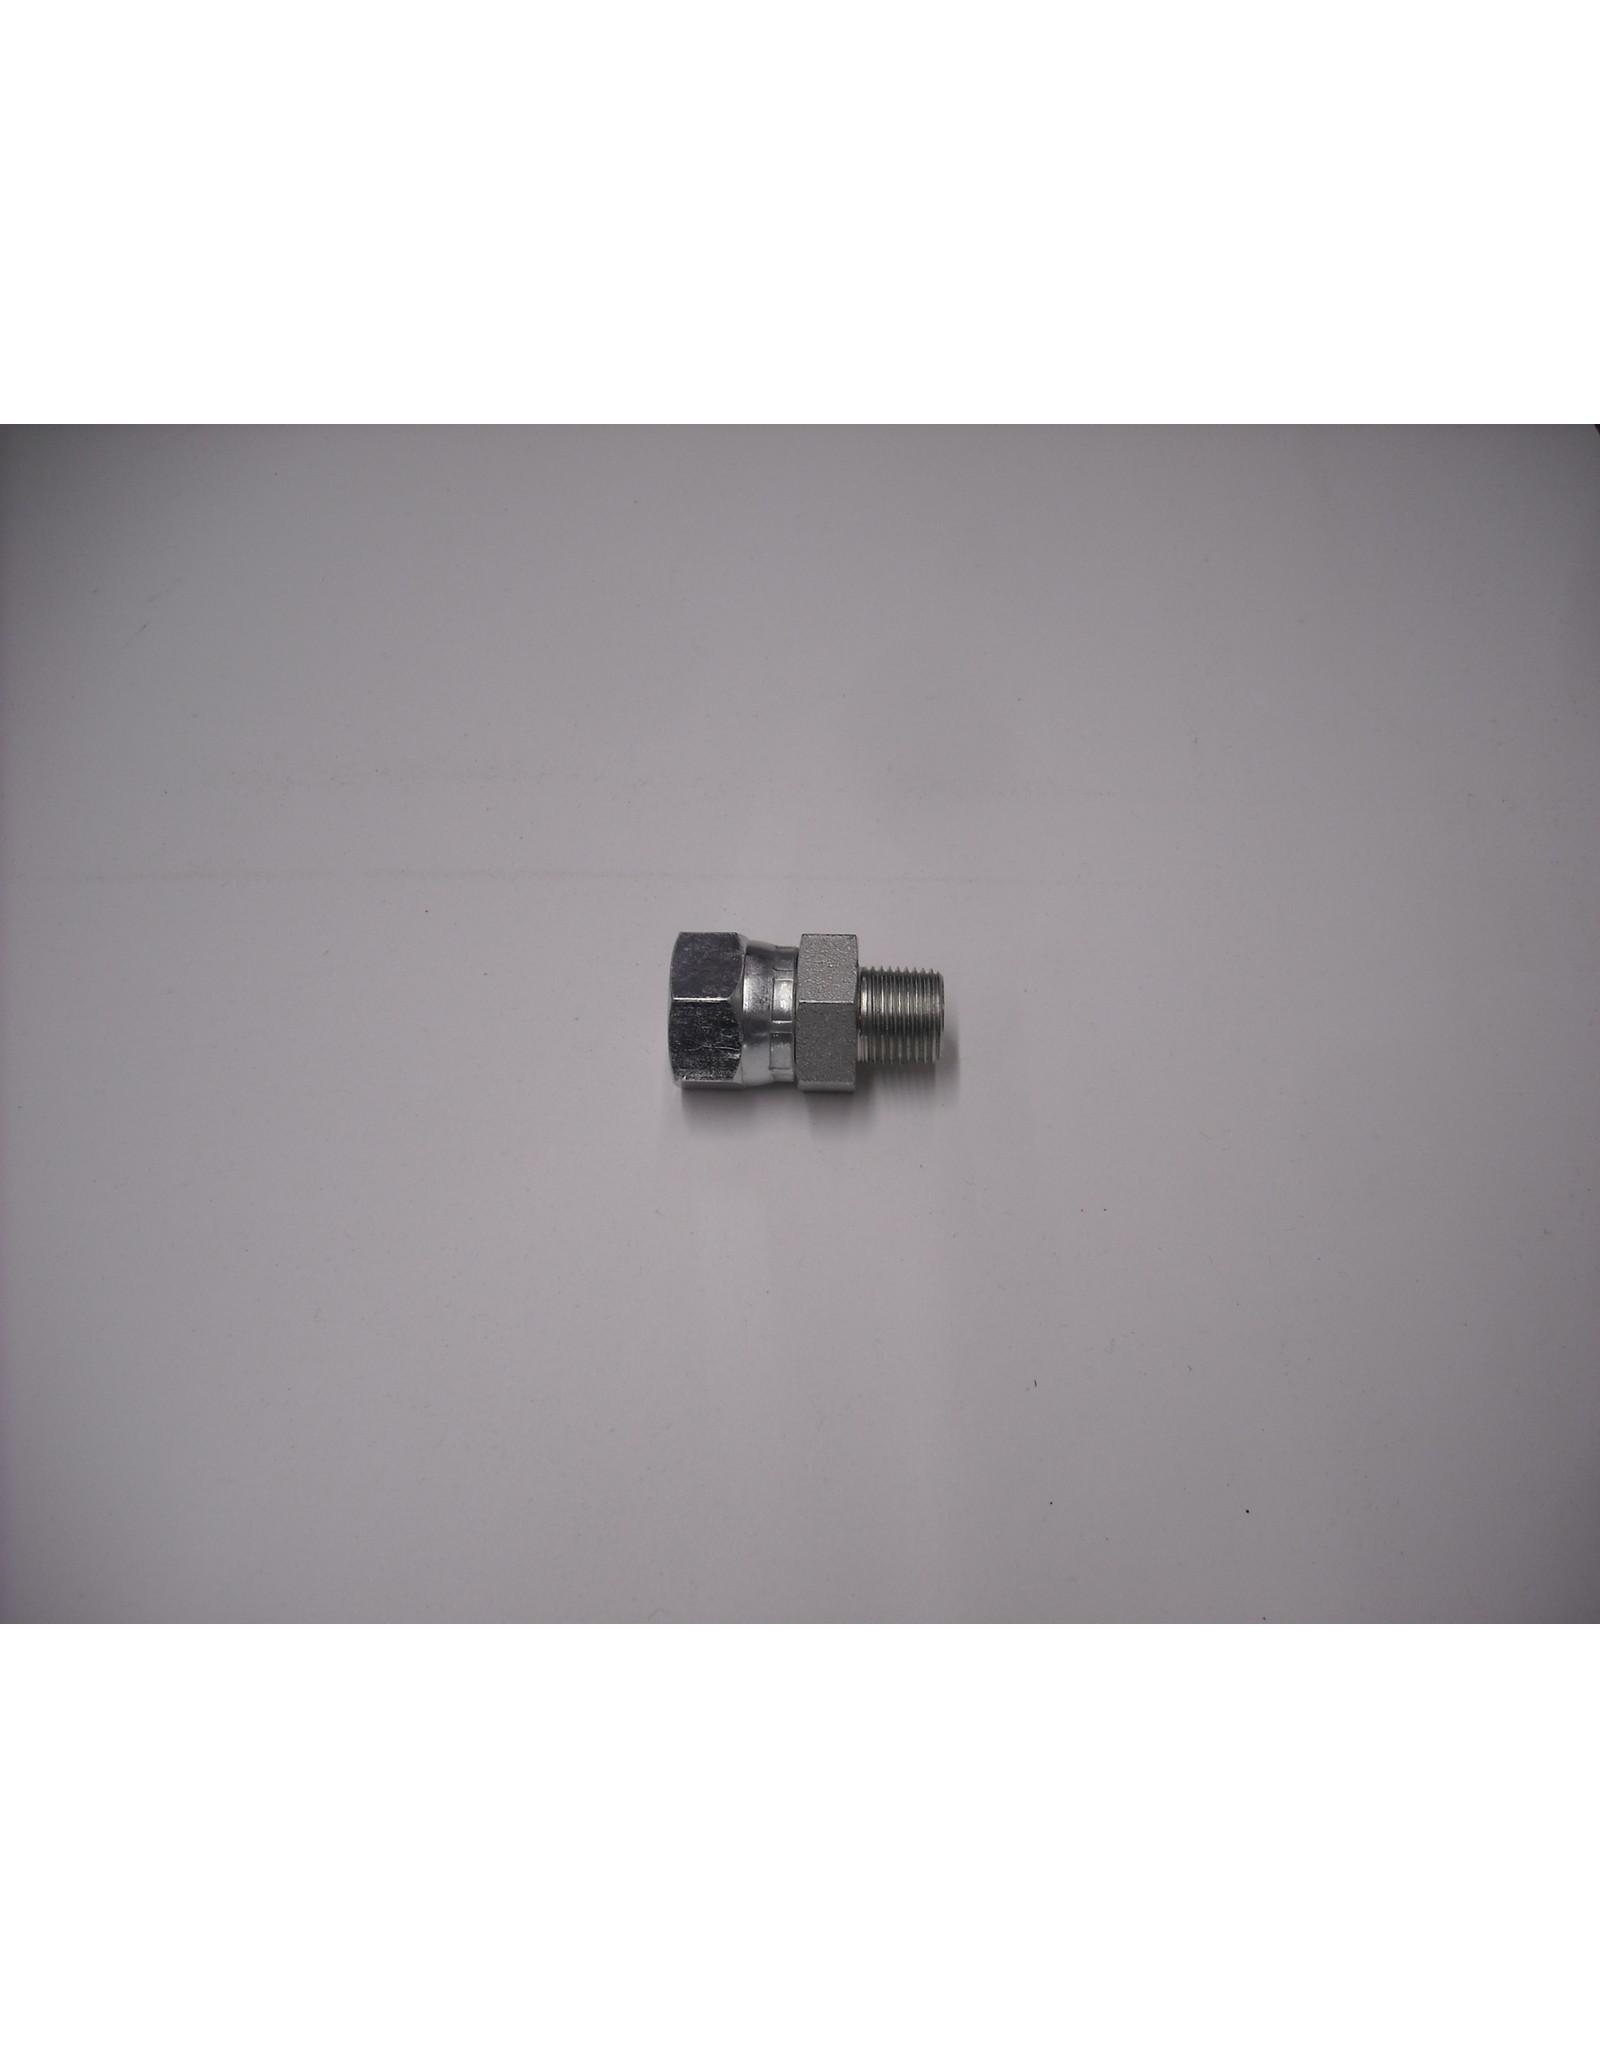 Graco 12-406 Swivel Adapter 3/8 MNPT x 1/2 NPSF